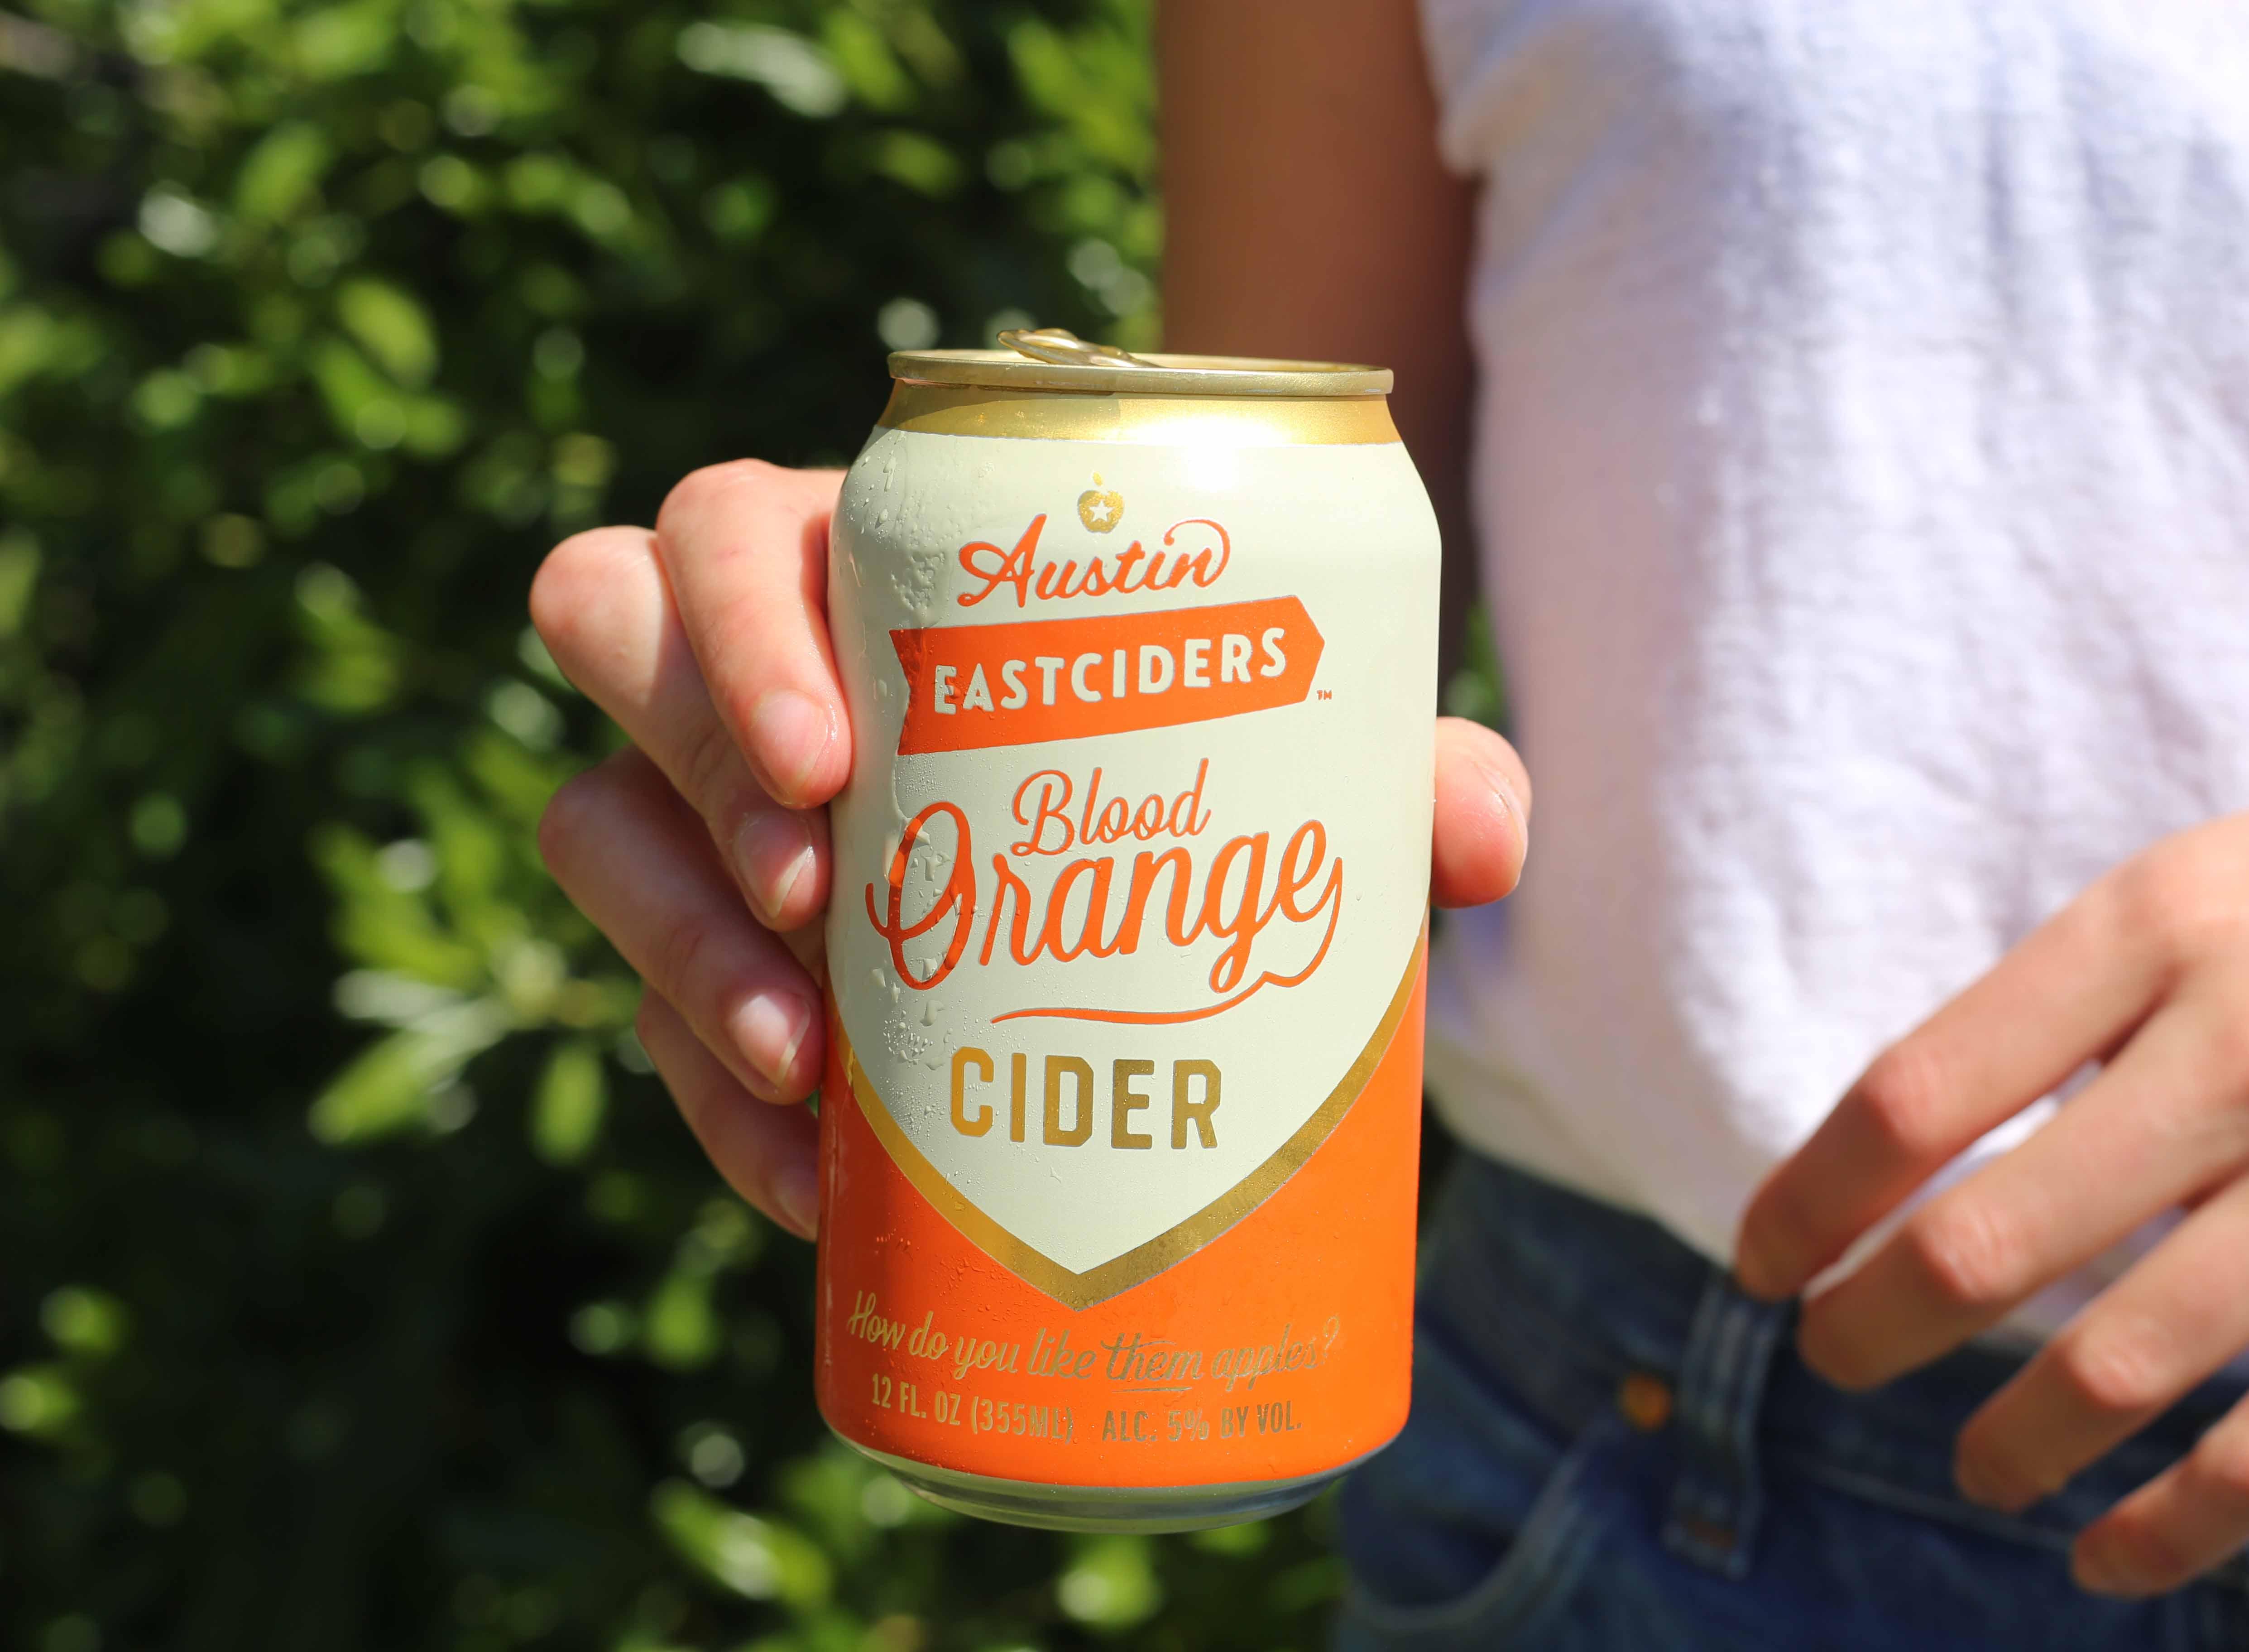 Austin Eastciders' blood orange cider